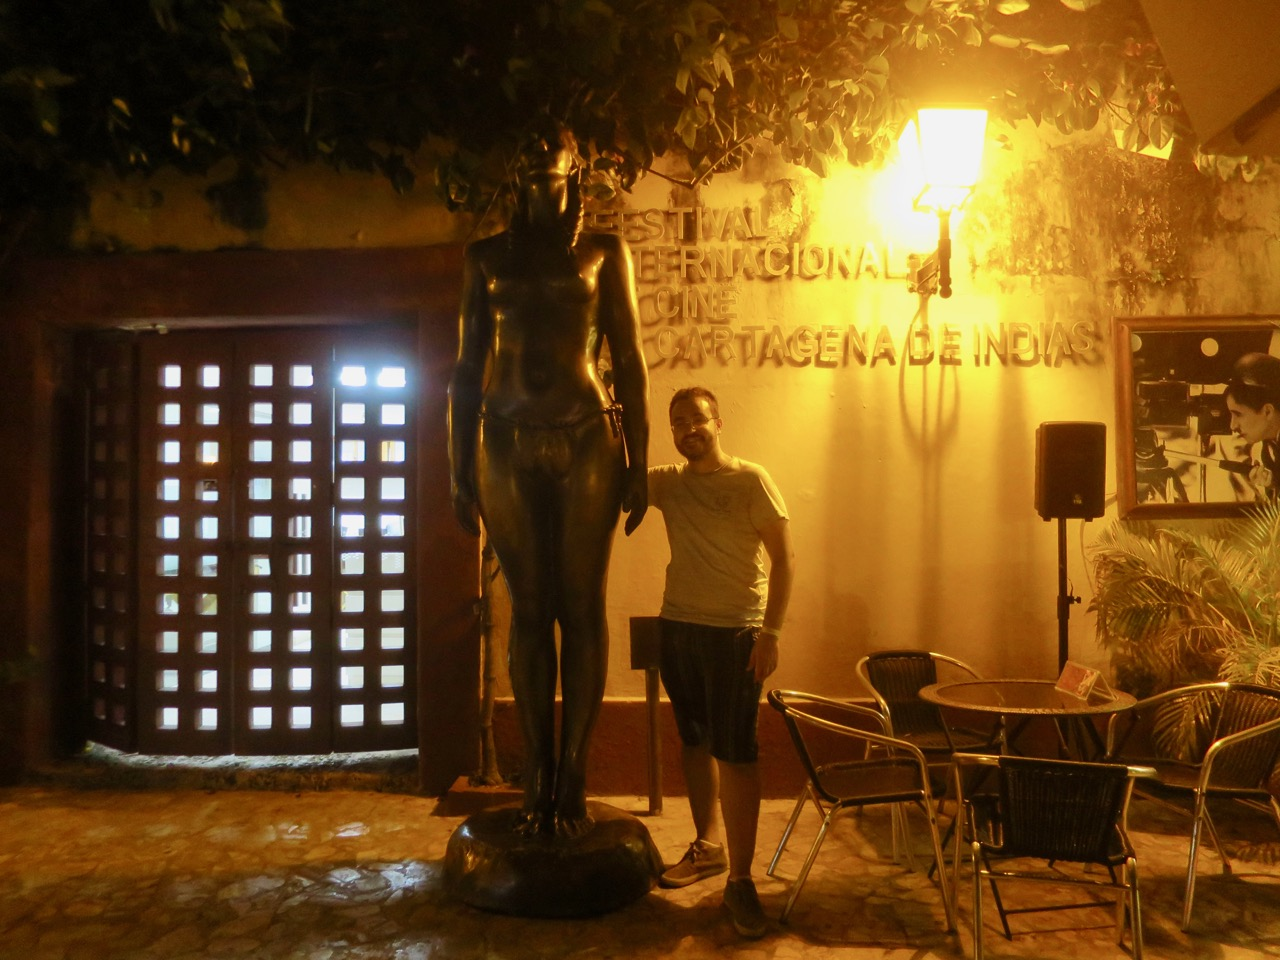 Cartagena 1 27